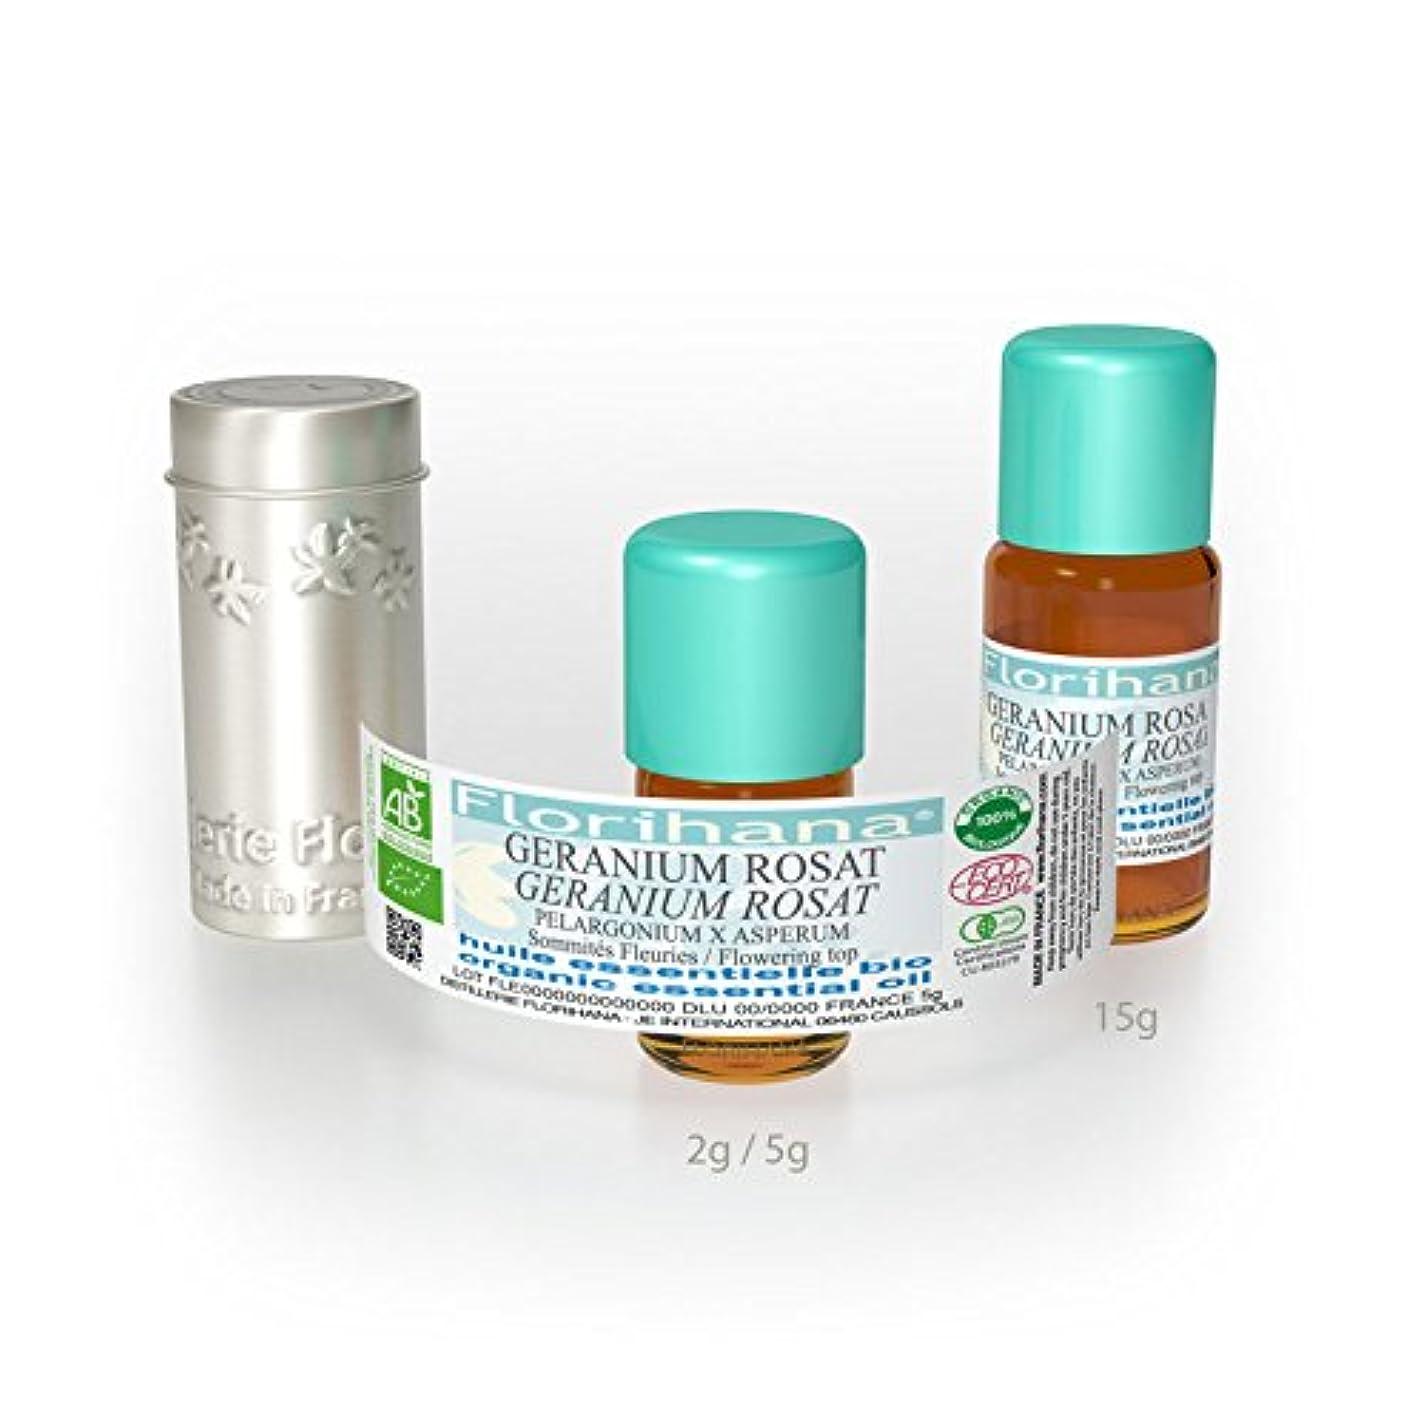 病気負荷フランクワースリーFlorihana オーガニックエッセンシャルオイル ローズゼラニウム 5g(5.6ml)